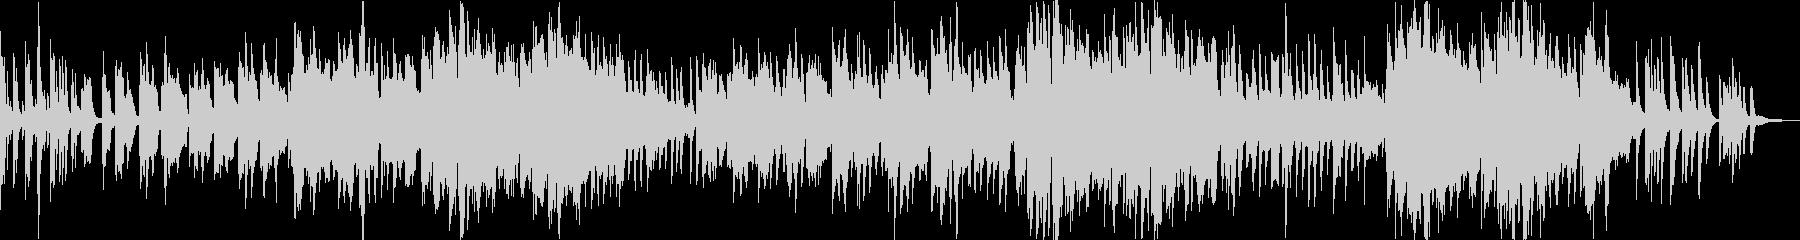 ピアノとクラリネットが印象的なバラードの未再生の波形